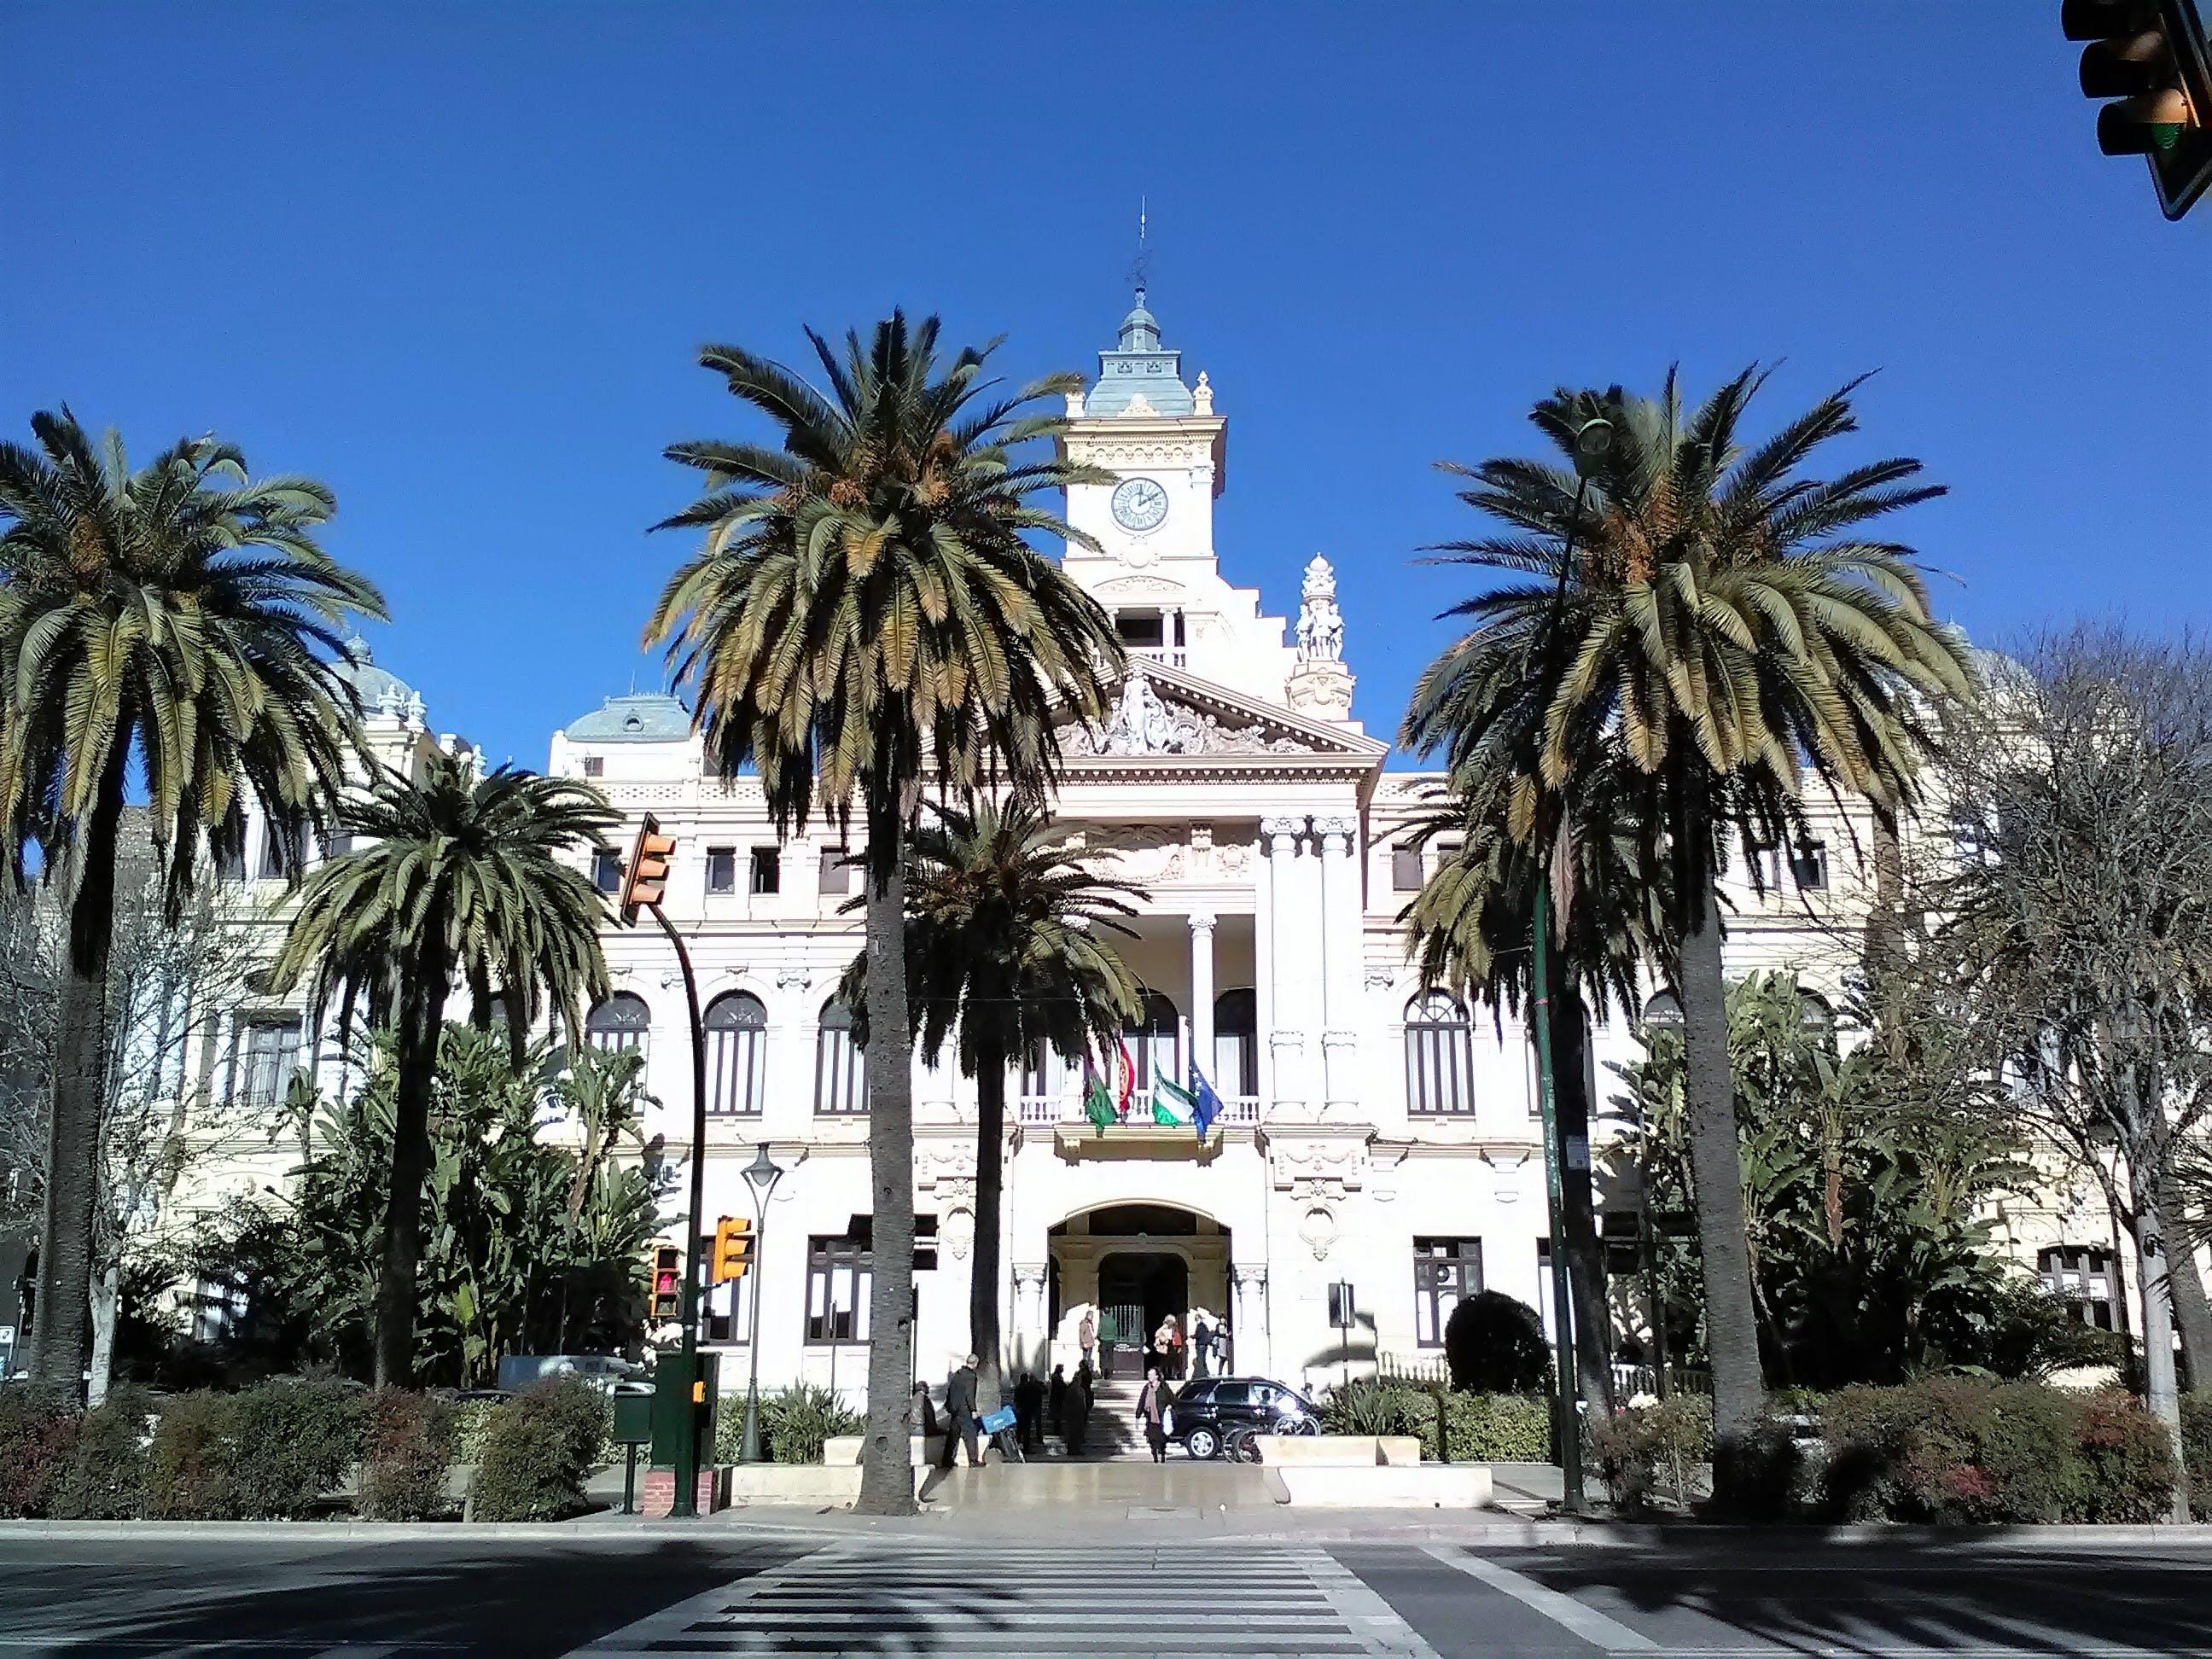 Tours en bicicleta Malaga con Ebikemalaga.es 6 jpg